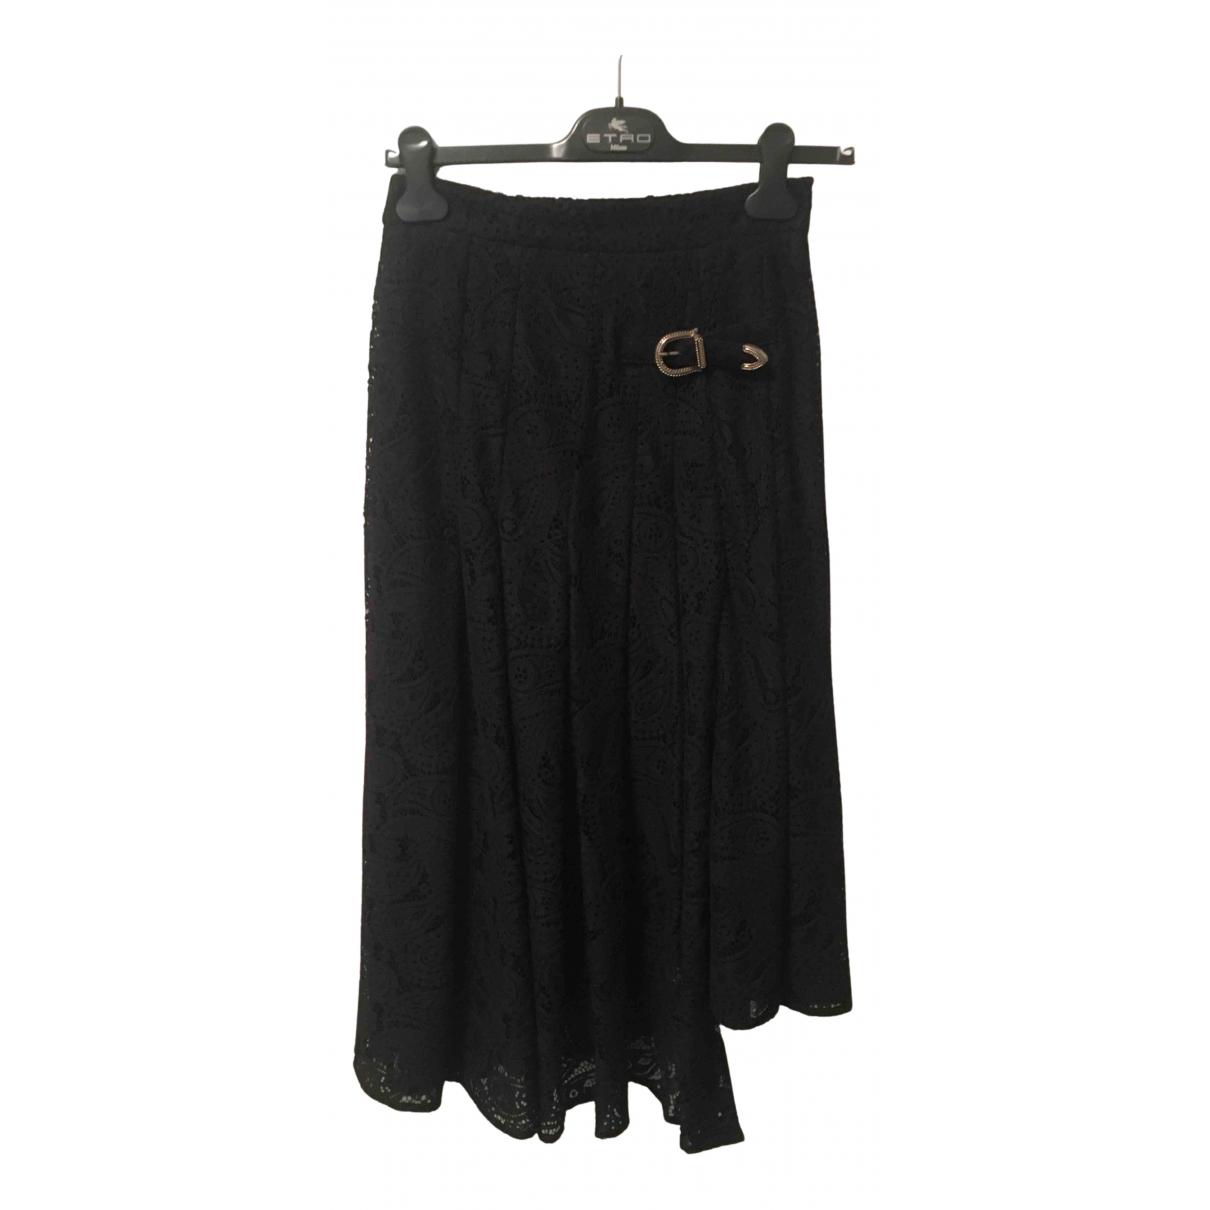 Maje Spring Summer 2019 Black skirt for Women 38 FR